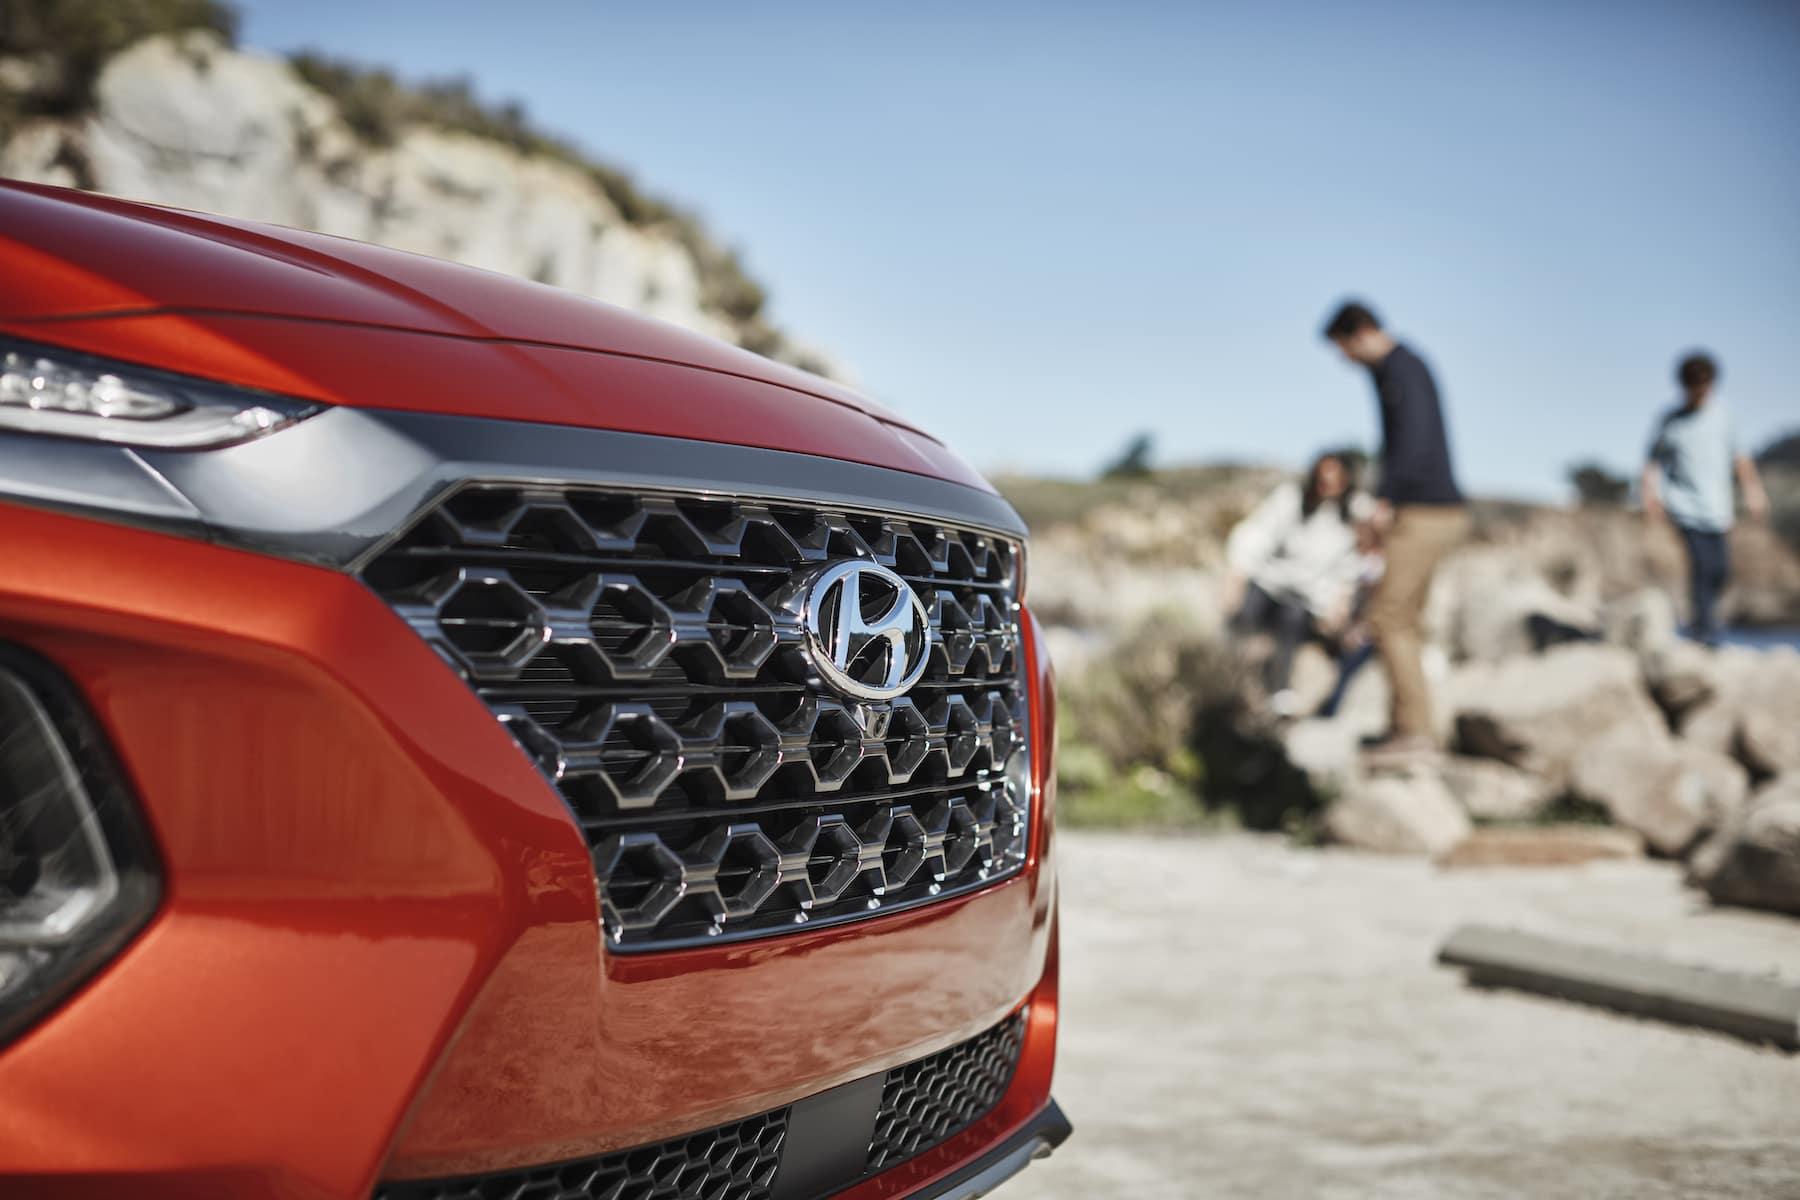 The 2020 Hyundai Santa Fe model features at Boch Hyundai of Norwood MA | Orange SantaFe Close Up Grill